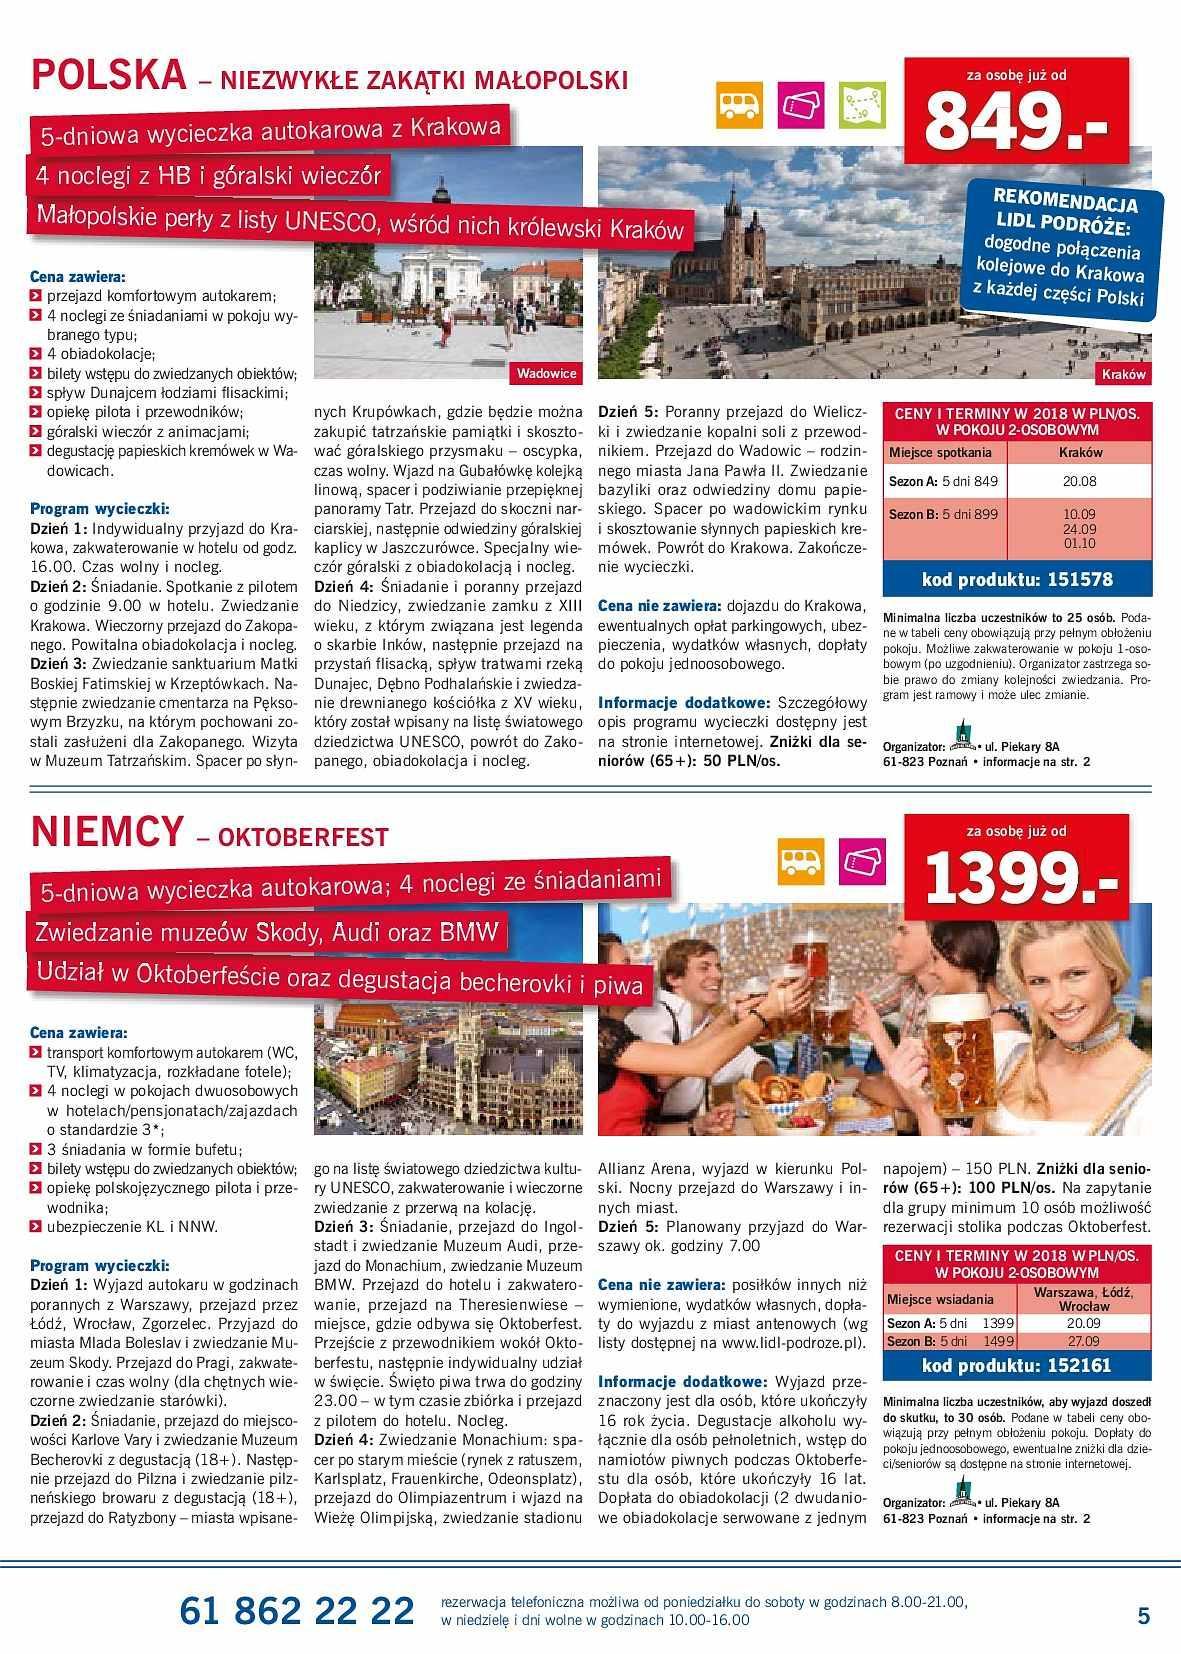 Gazetka promocyjna Lidl do 03/06/2018 str.4